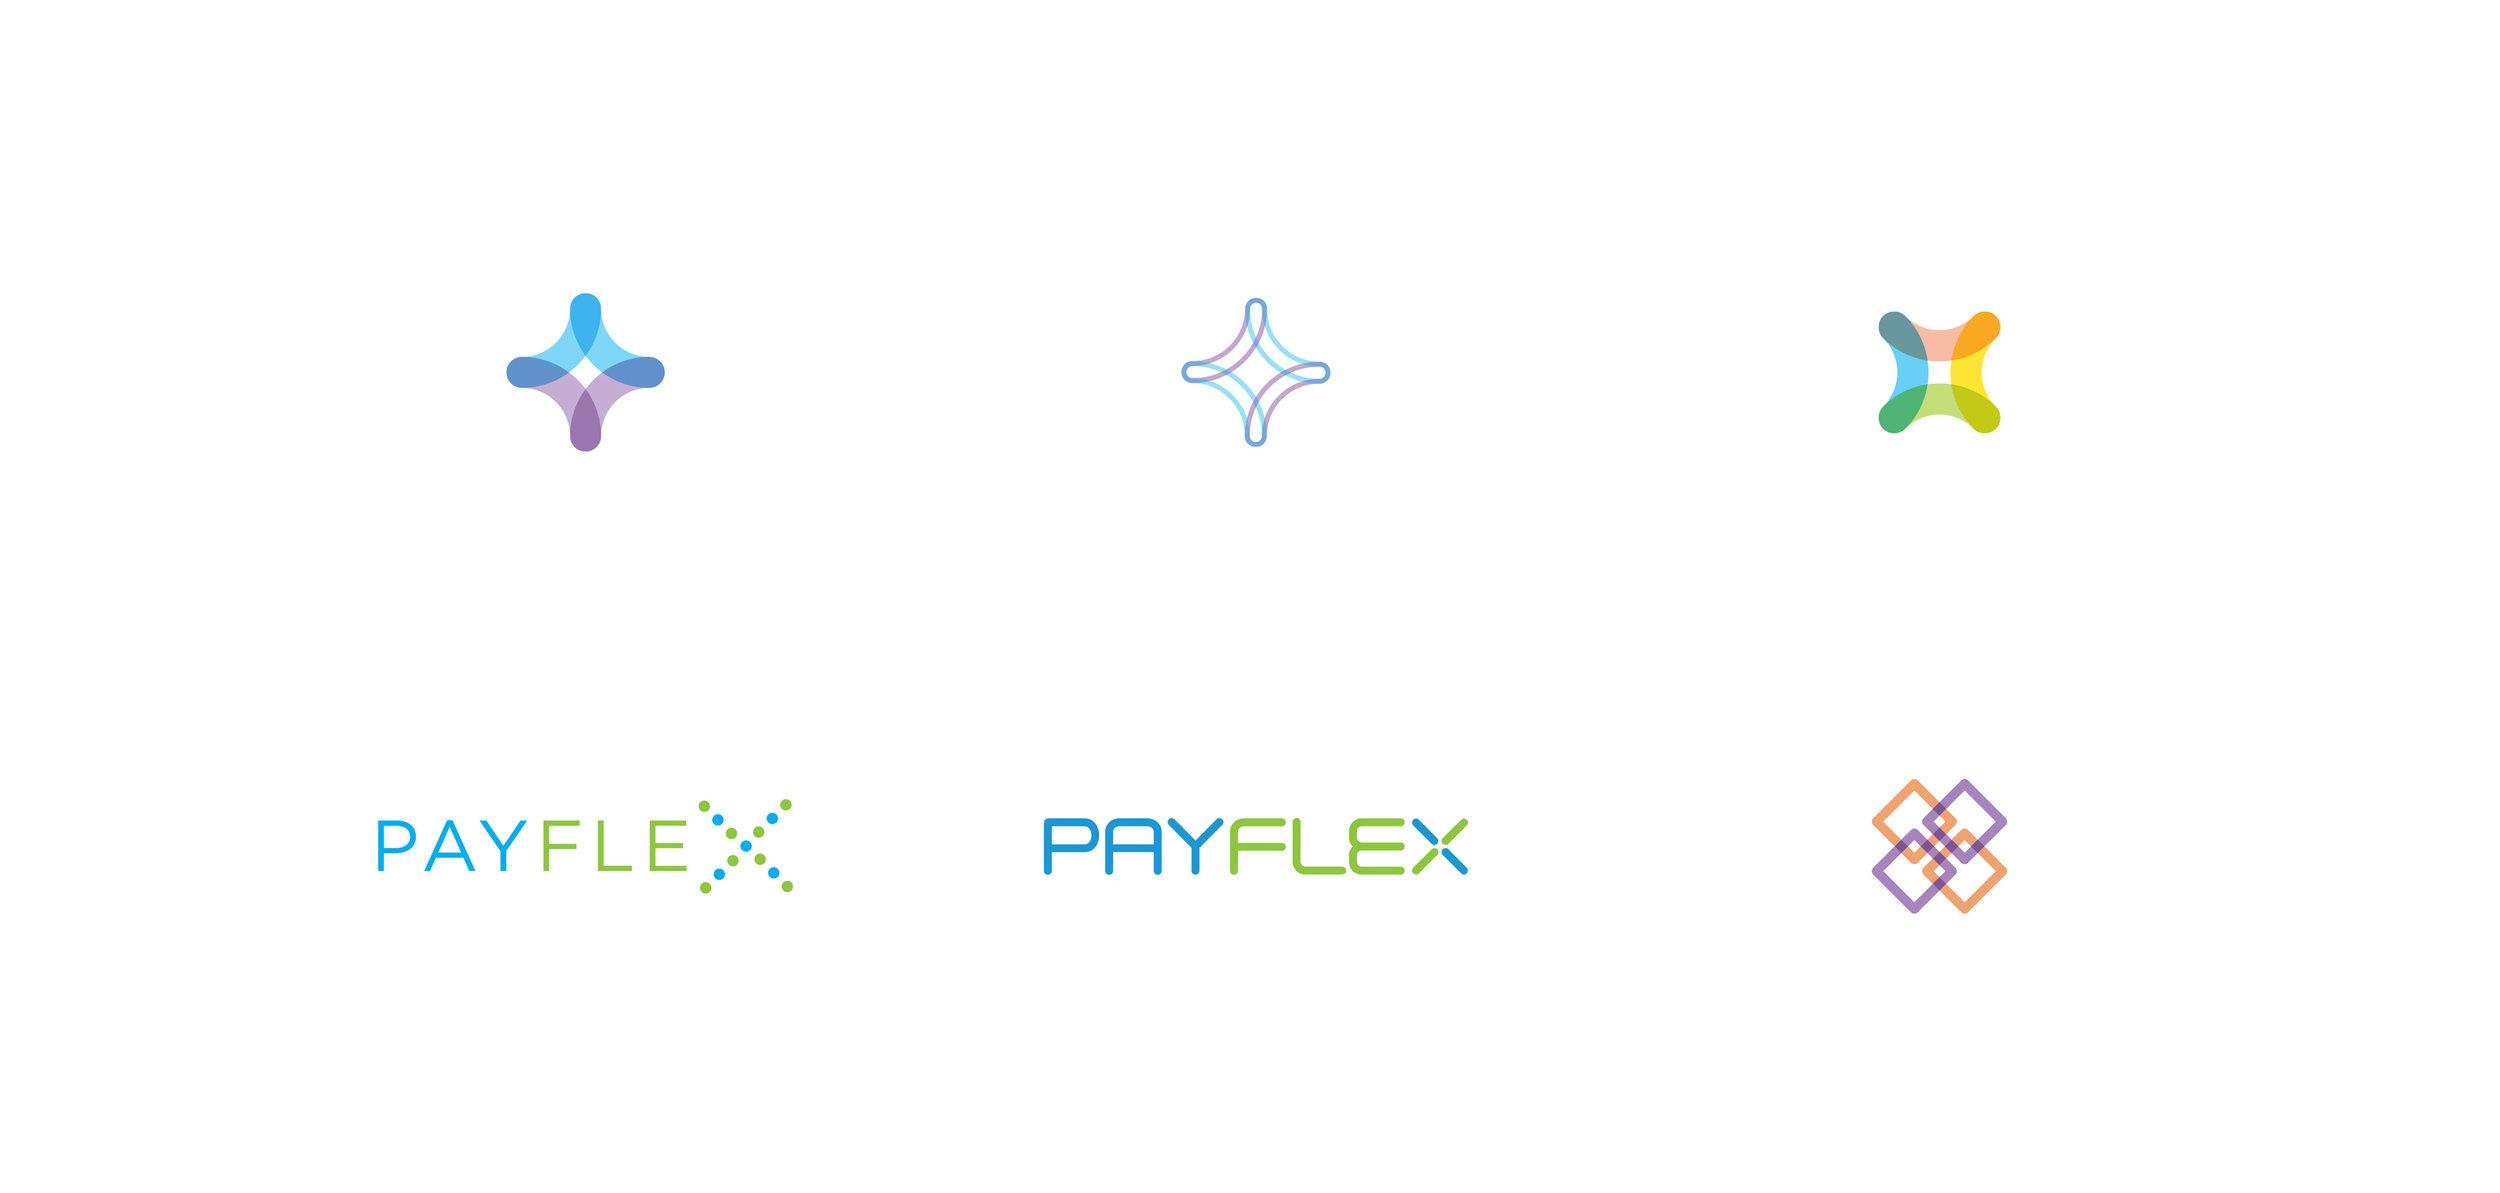 payflex logos all up.jpg